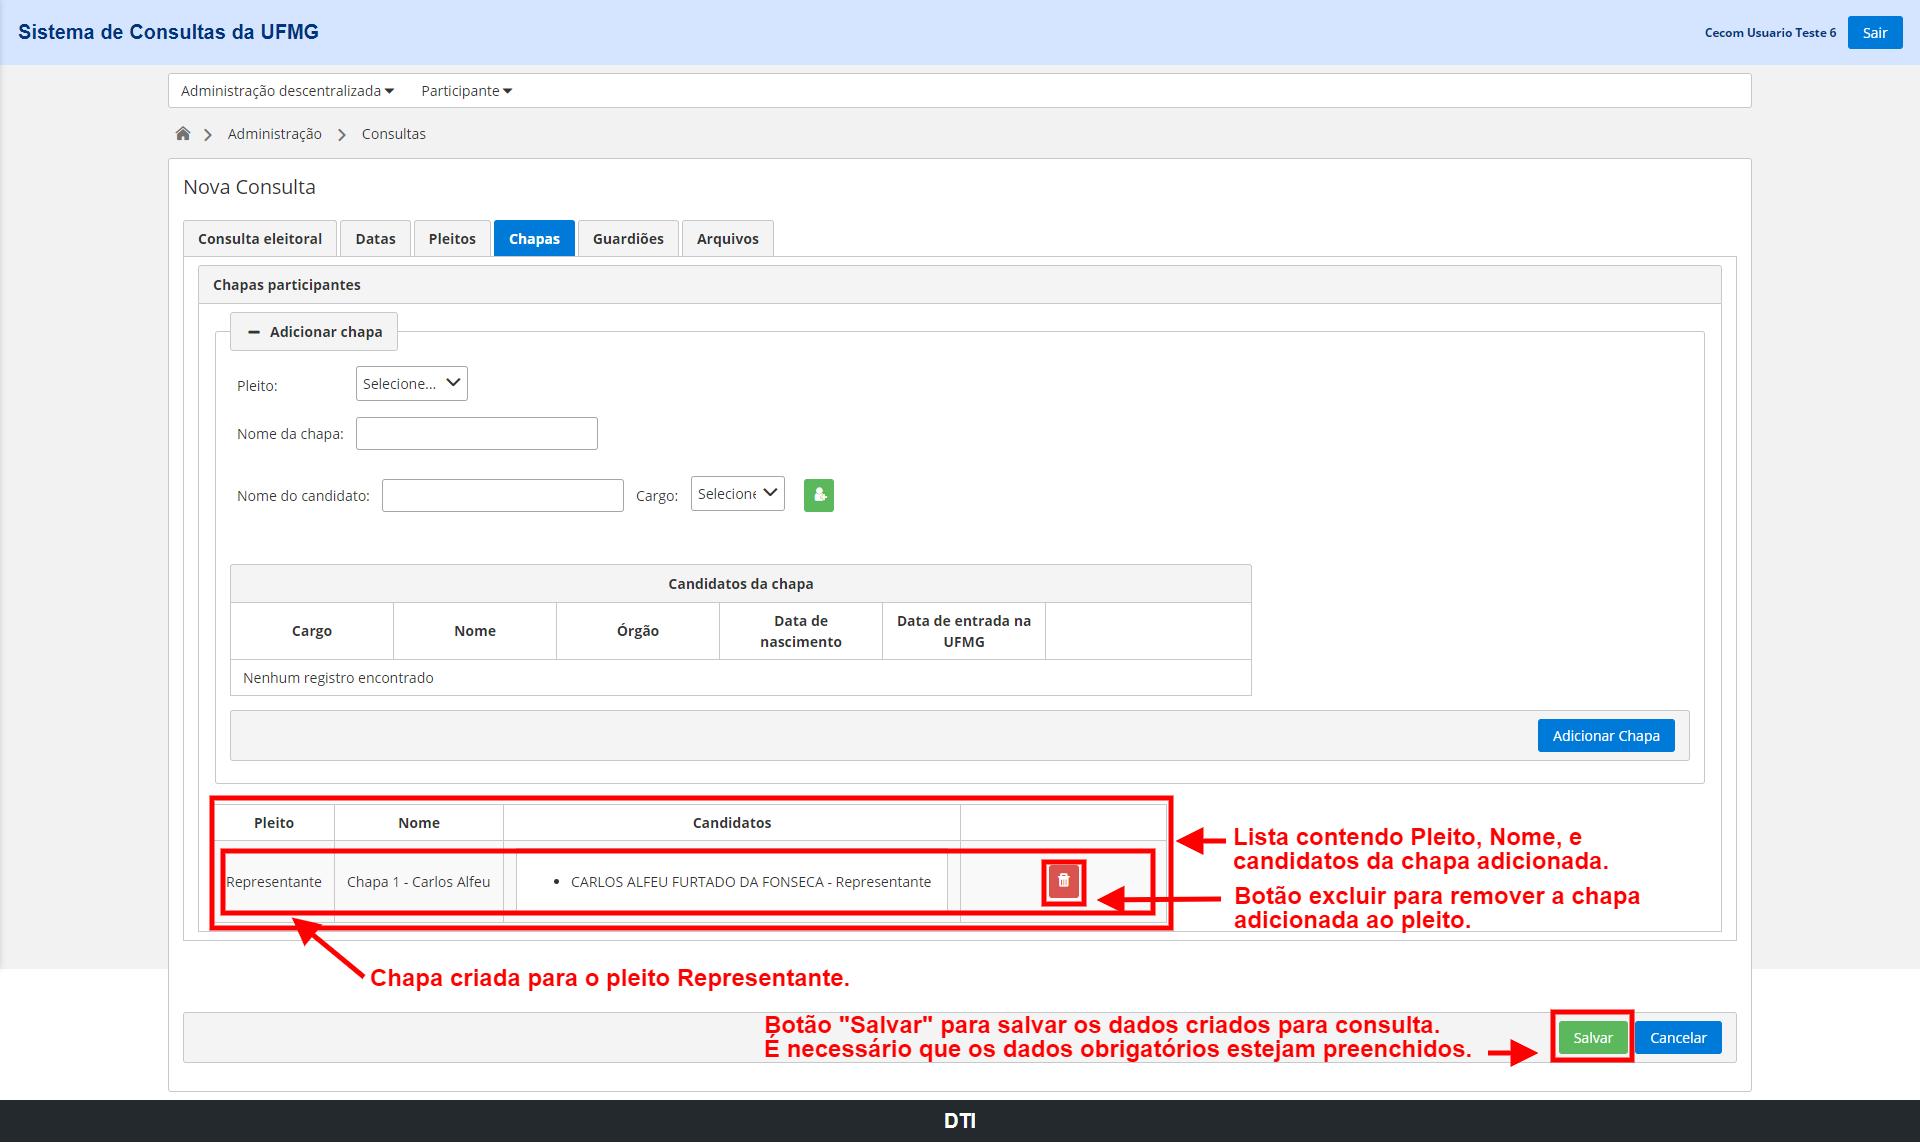 Lista de Chapas, Chapa(s) criada(s) contendo o(s) candidato(s) adicionado(s) a chapa e botão Salvar. Botão Excluir para remover a chapa adicionada ao pleito.